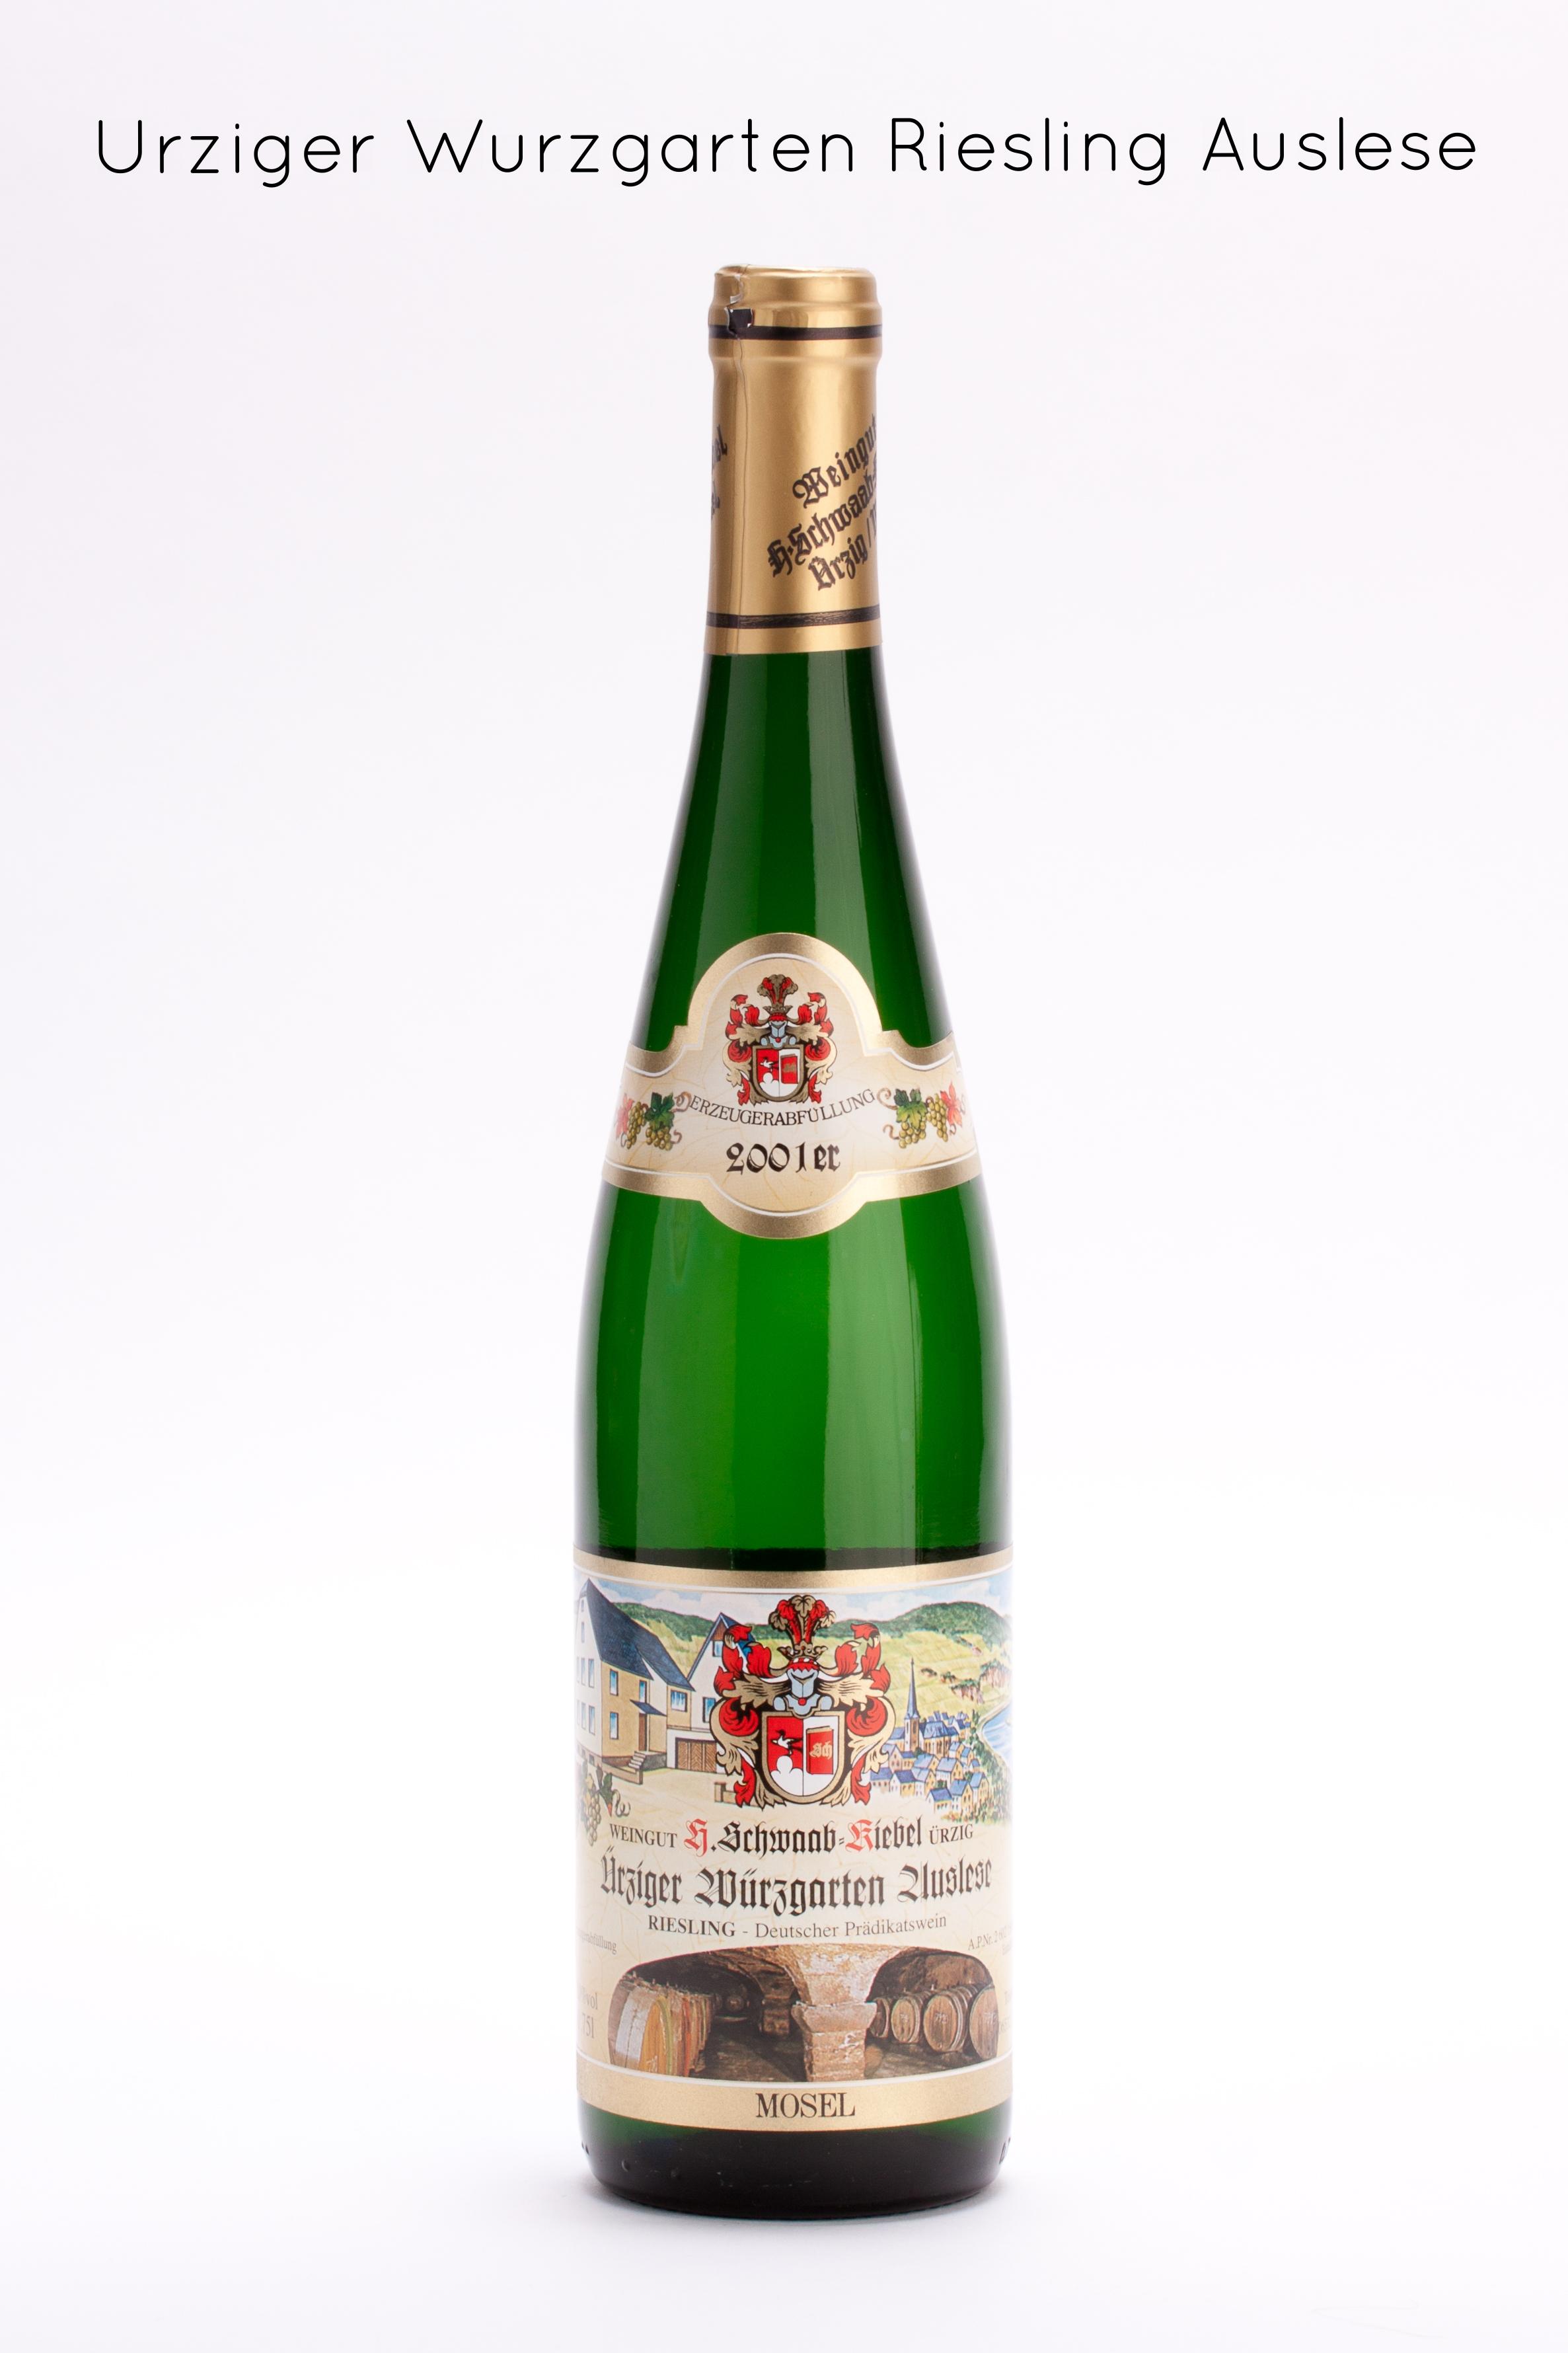 DRosengarten.com wine bottles on white hi res by Troy Amber (11 of 76).jpg